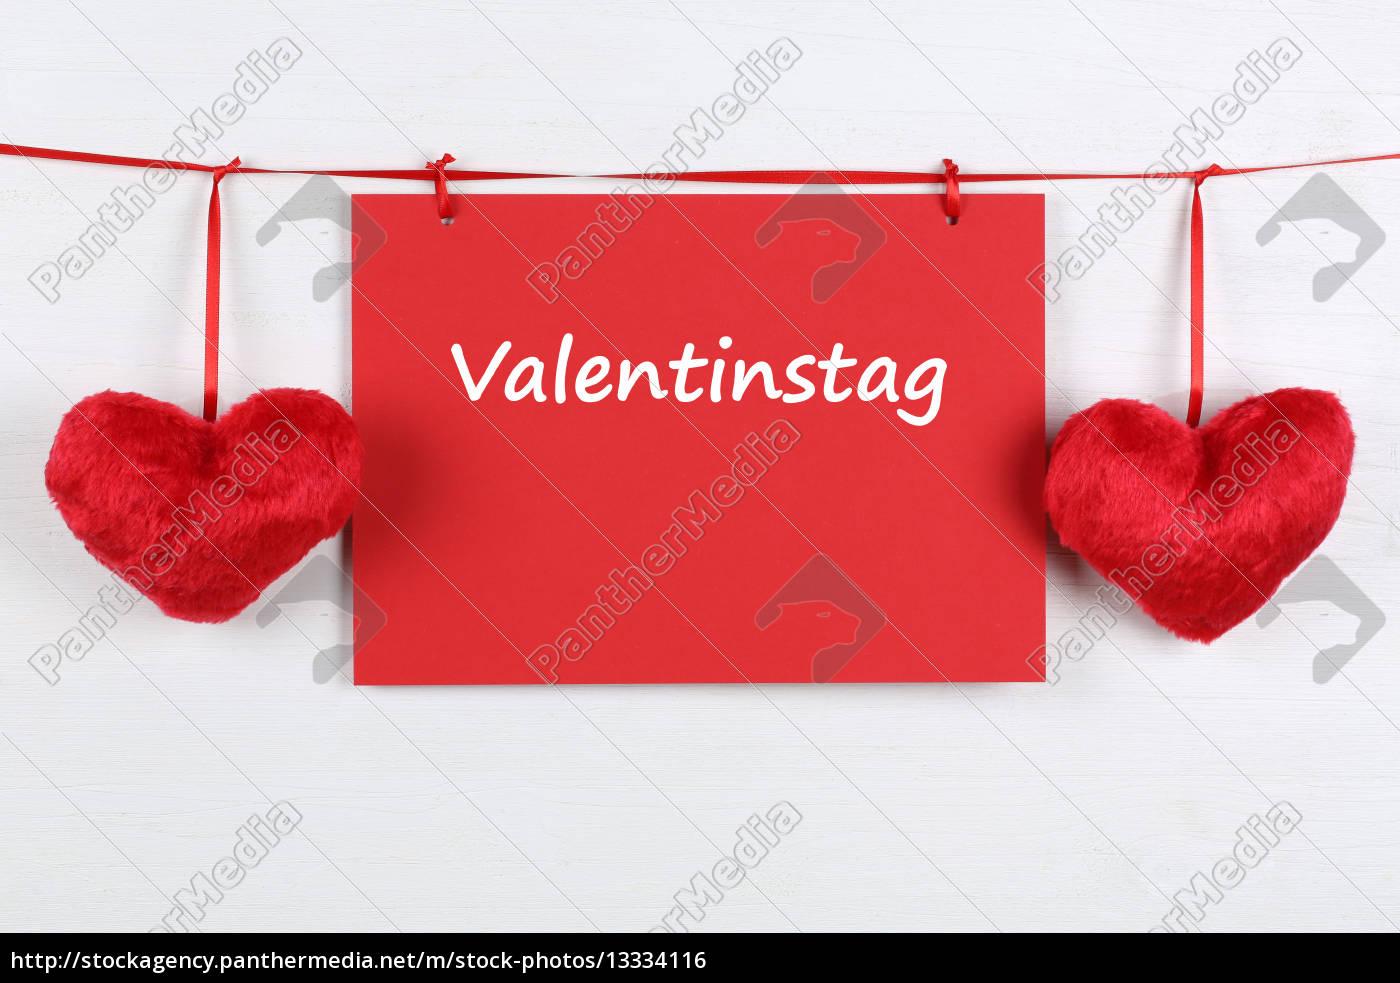 Lizenzfreies Foto 13334116   Karte Zum Valentinstag Mit Textfreiraum Und  Zwei Herzen